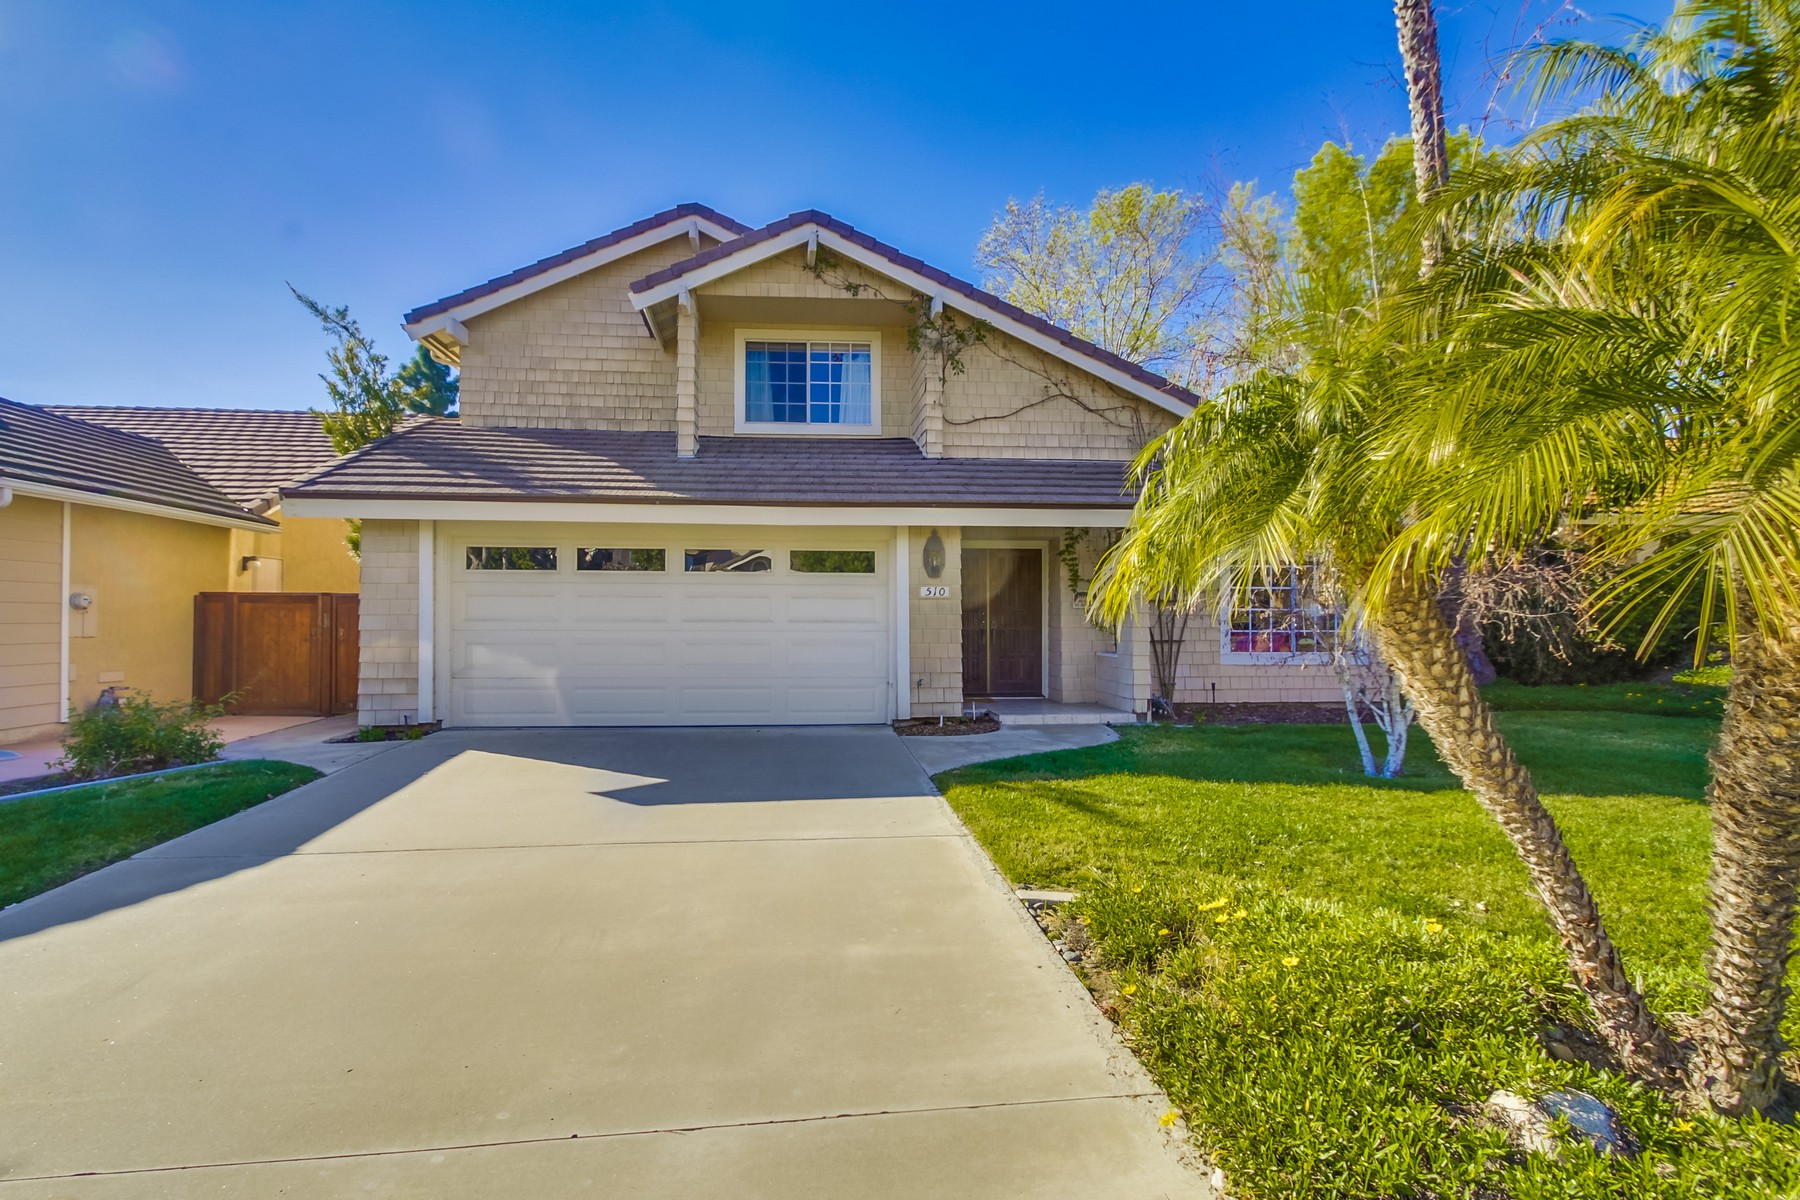 Villa per Vendita alle ore 510 Gardendale Road Encinitas, California 92024 Stati Uniti